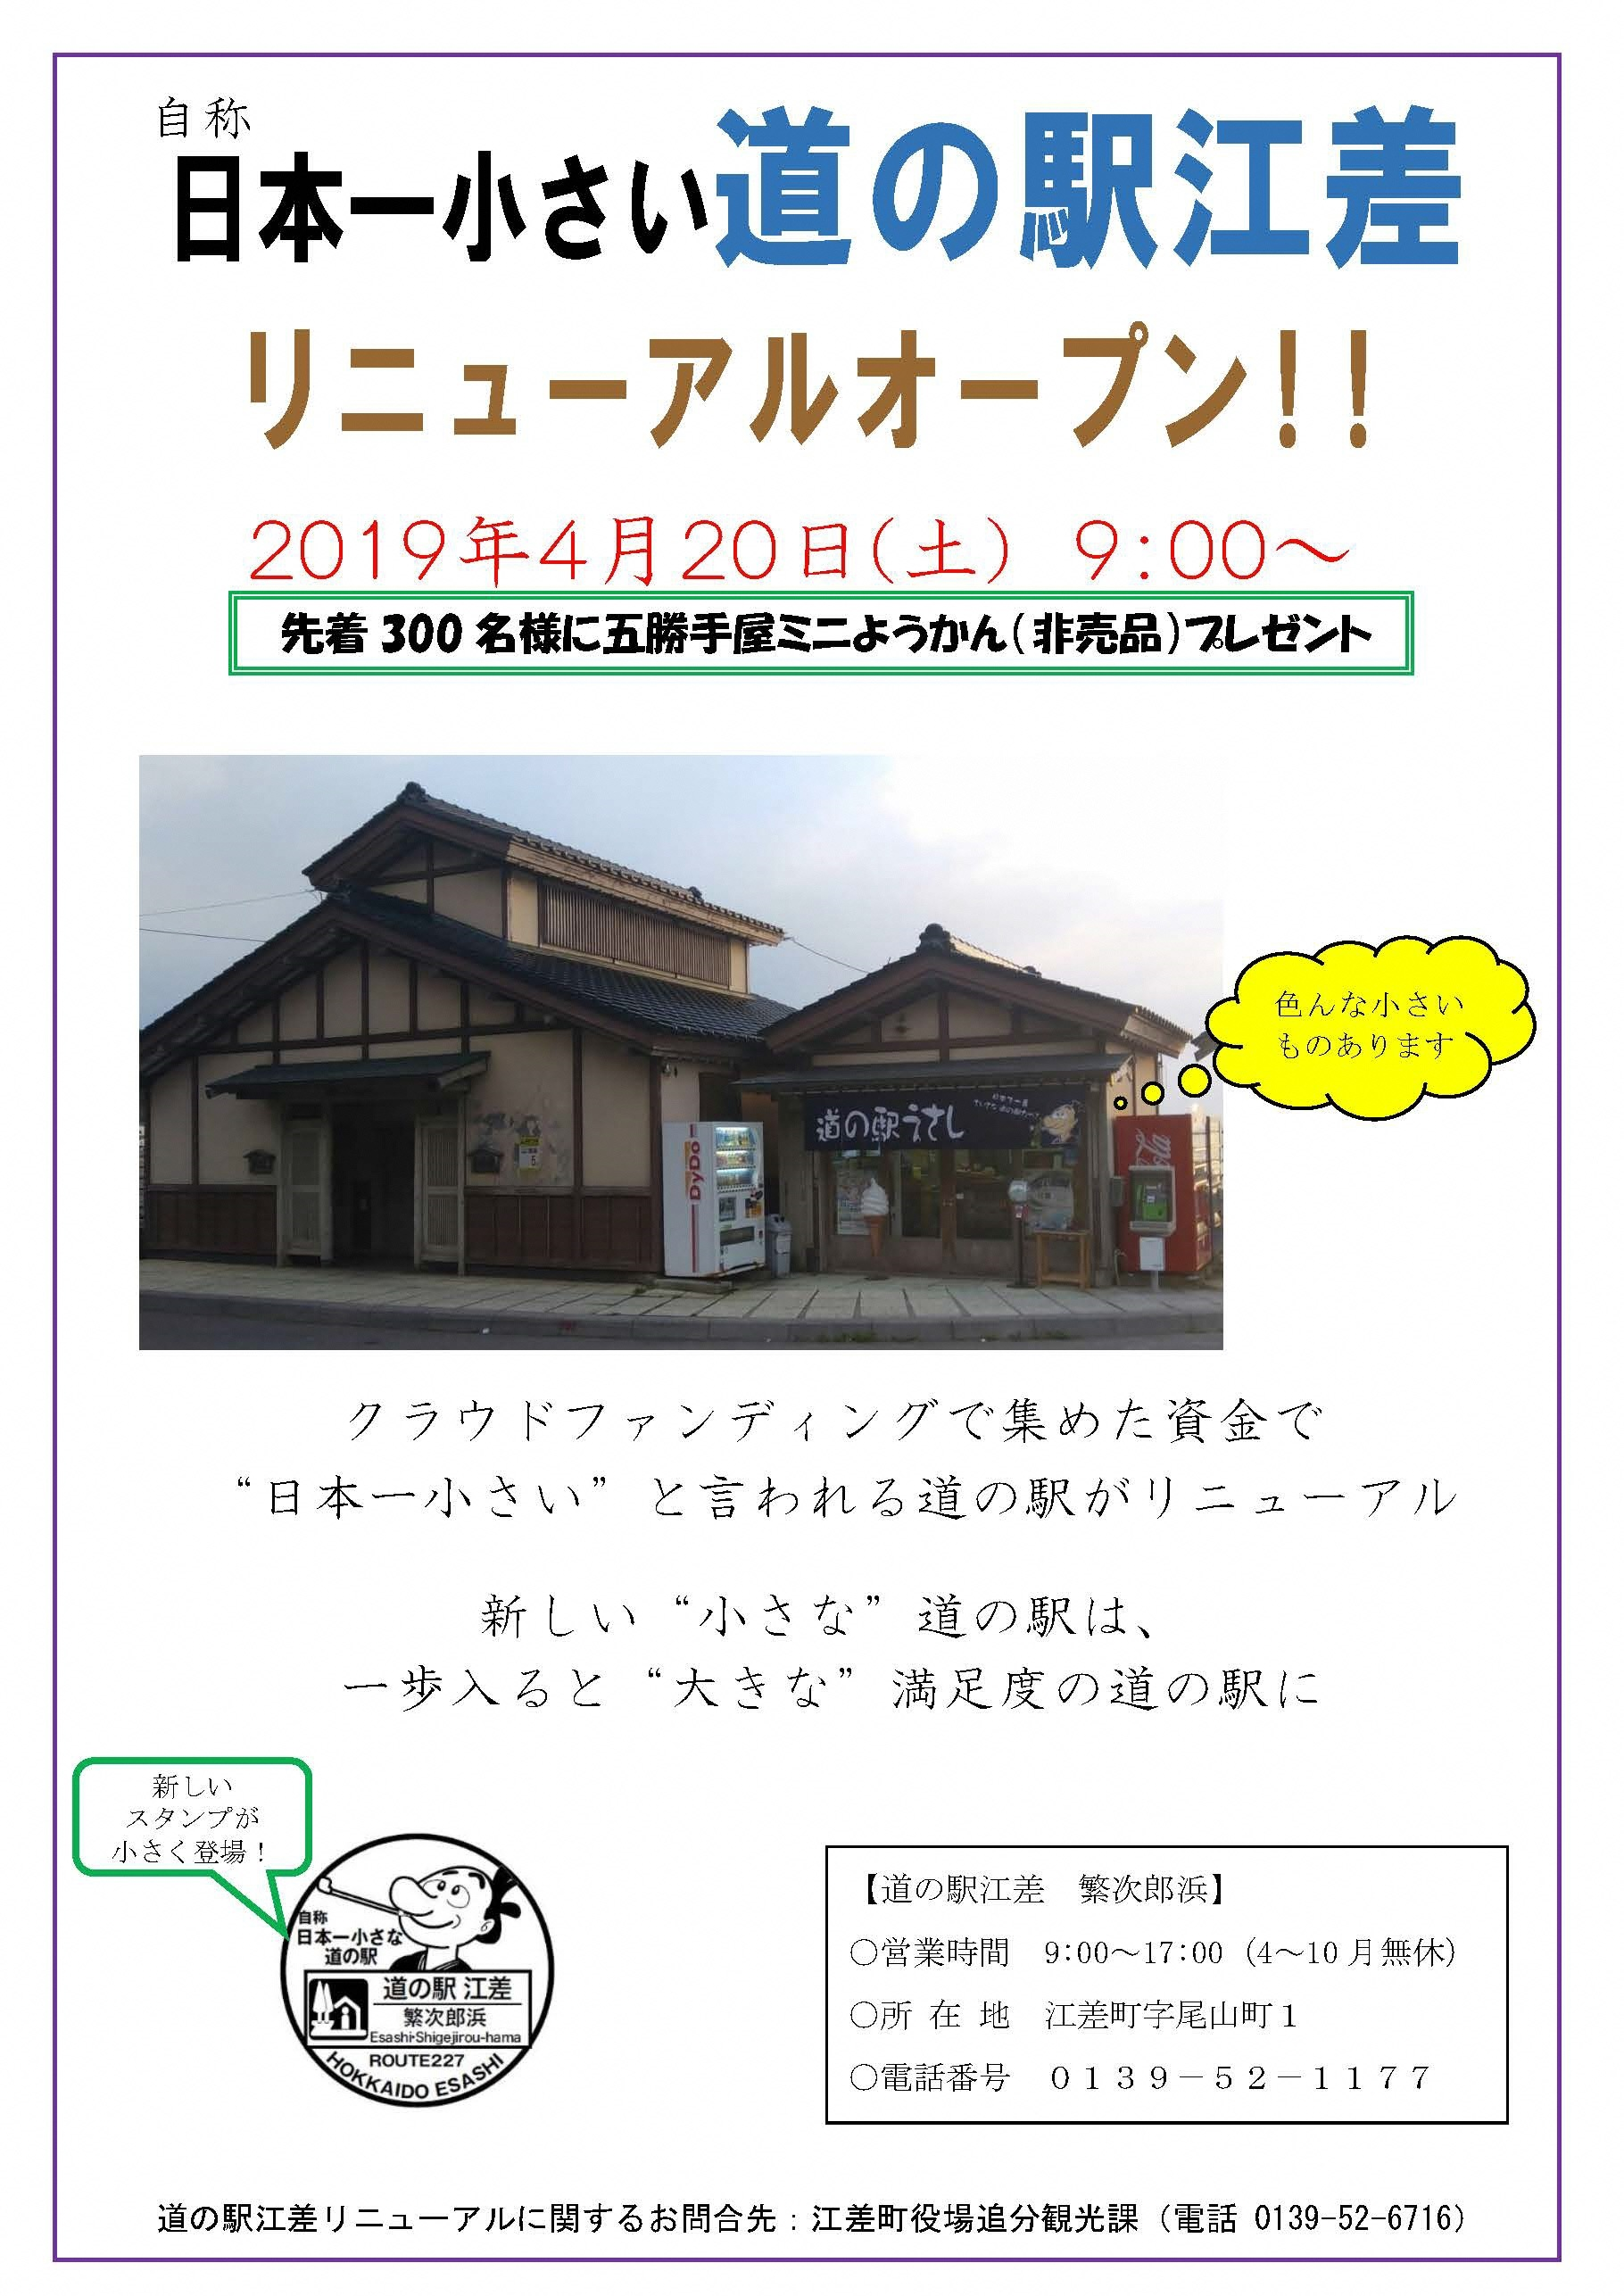 道の駅リニューアルオープンチラシ